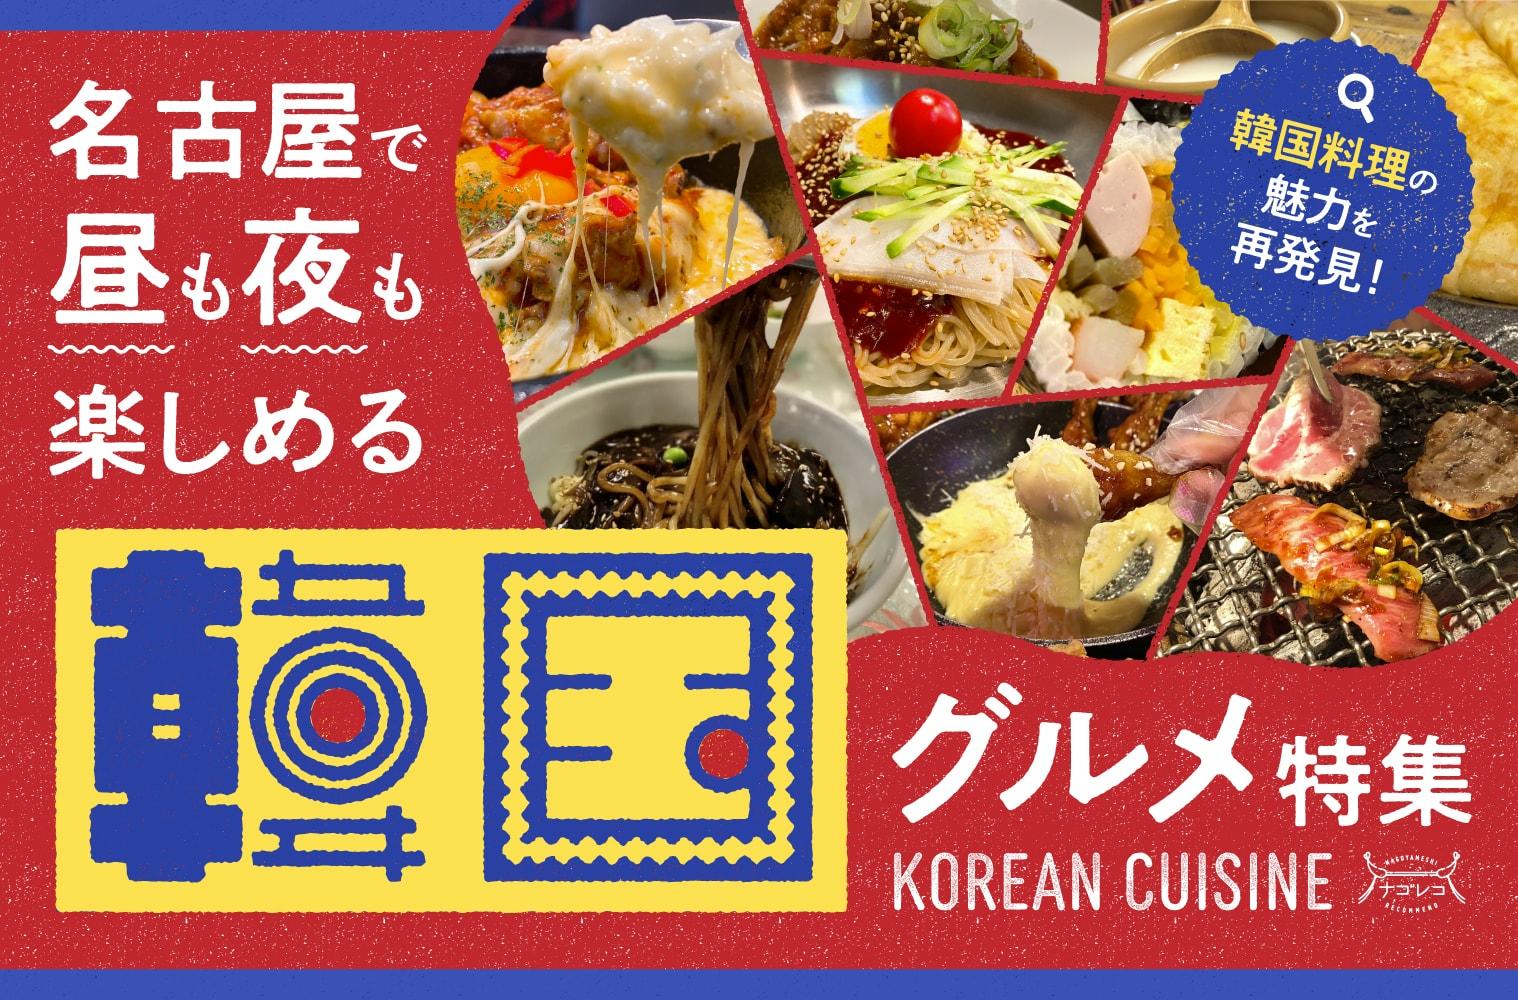 まとめ|韓国料理の魅力を再発見!名古屋で昼も夜も楽しめる韓国グルメ特集